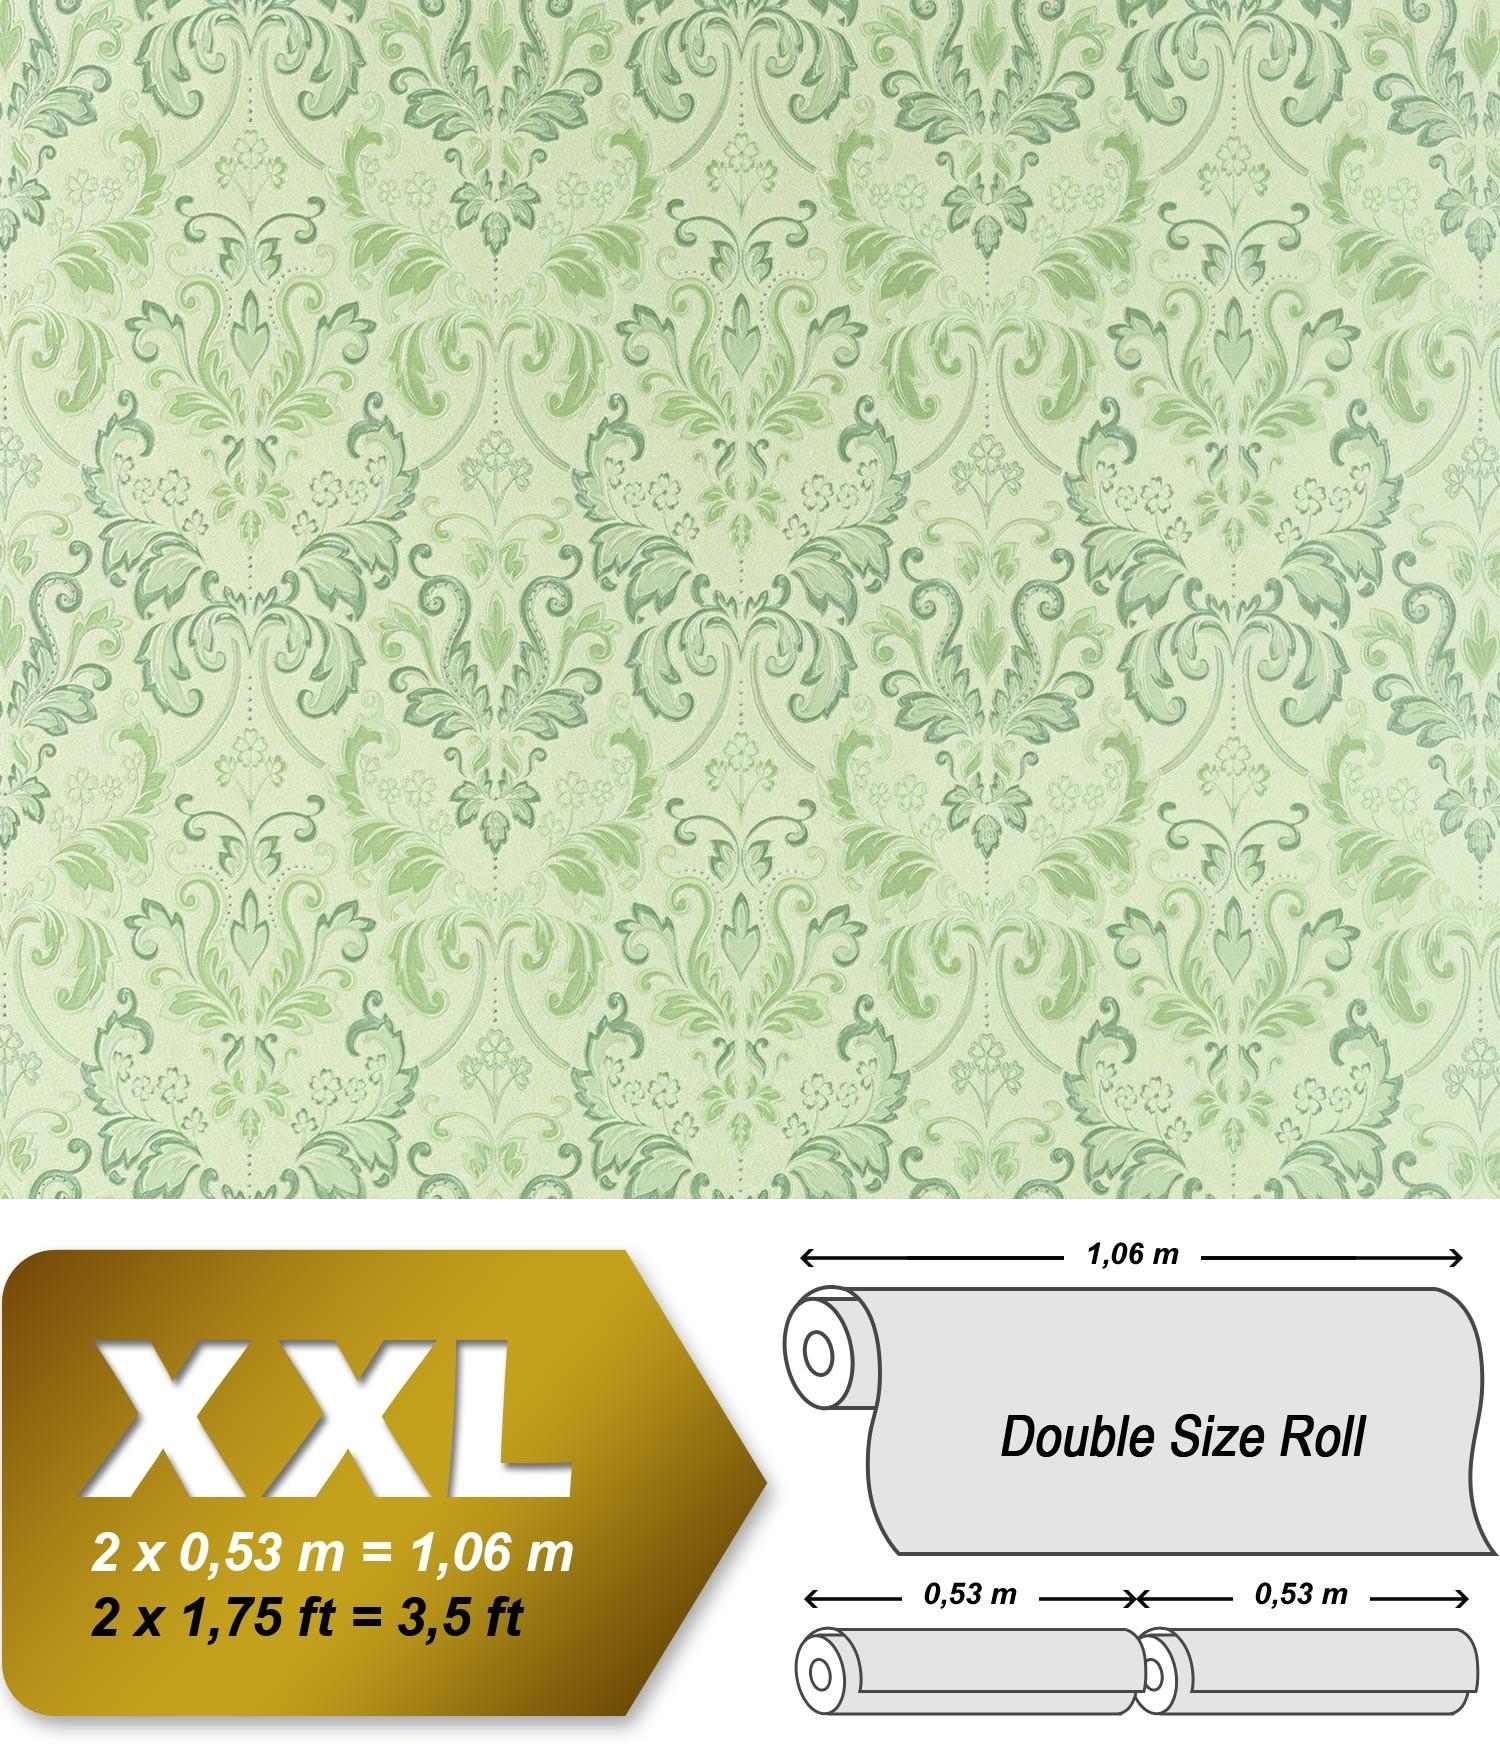 Barock Tapete Dunkelgr?n : White Non Woven Fabric